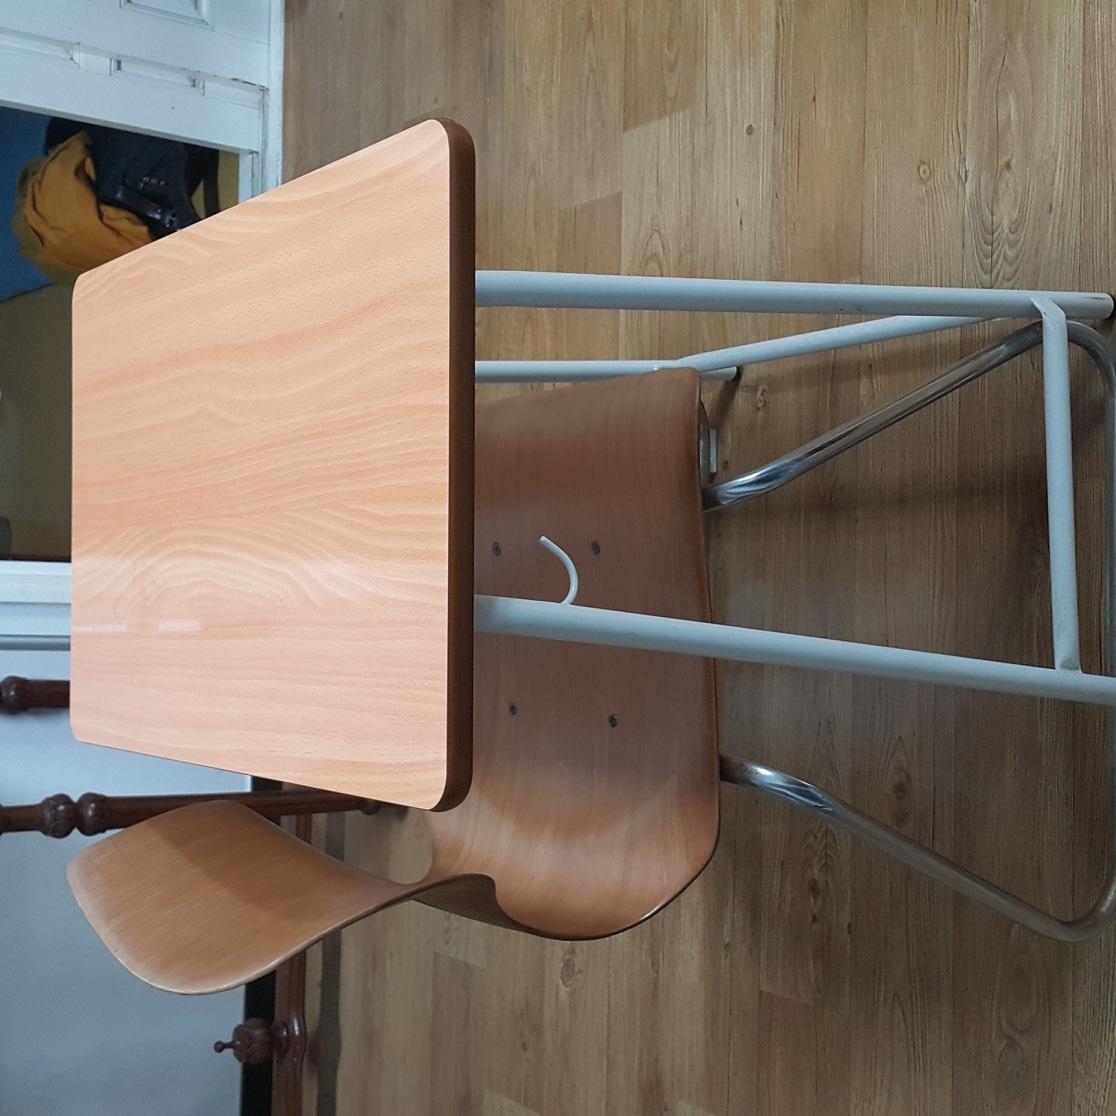 책상,의자세트입니다. 의자는 하이펙의자구요.애들이 다커서 내놓아요..